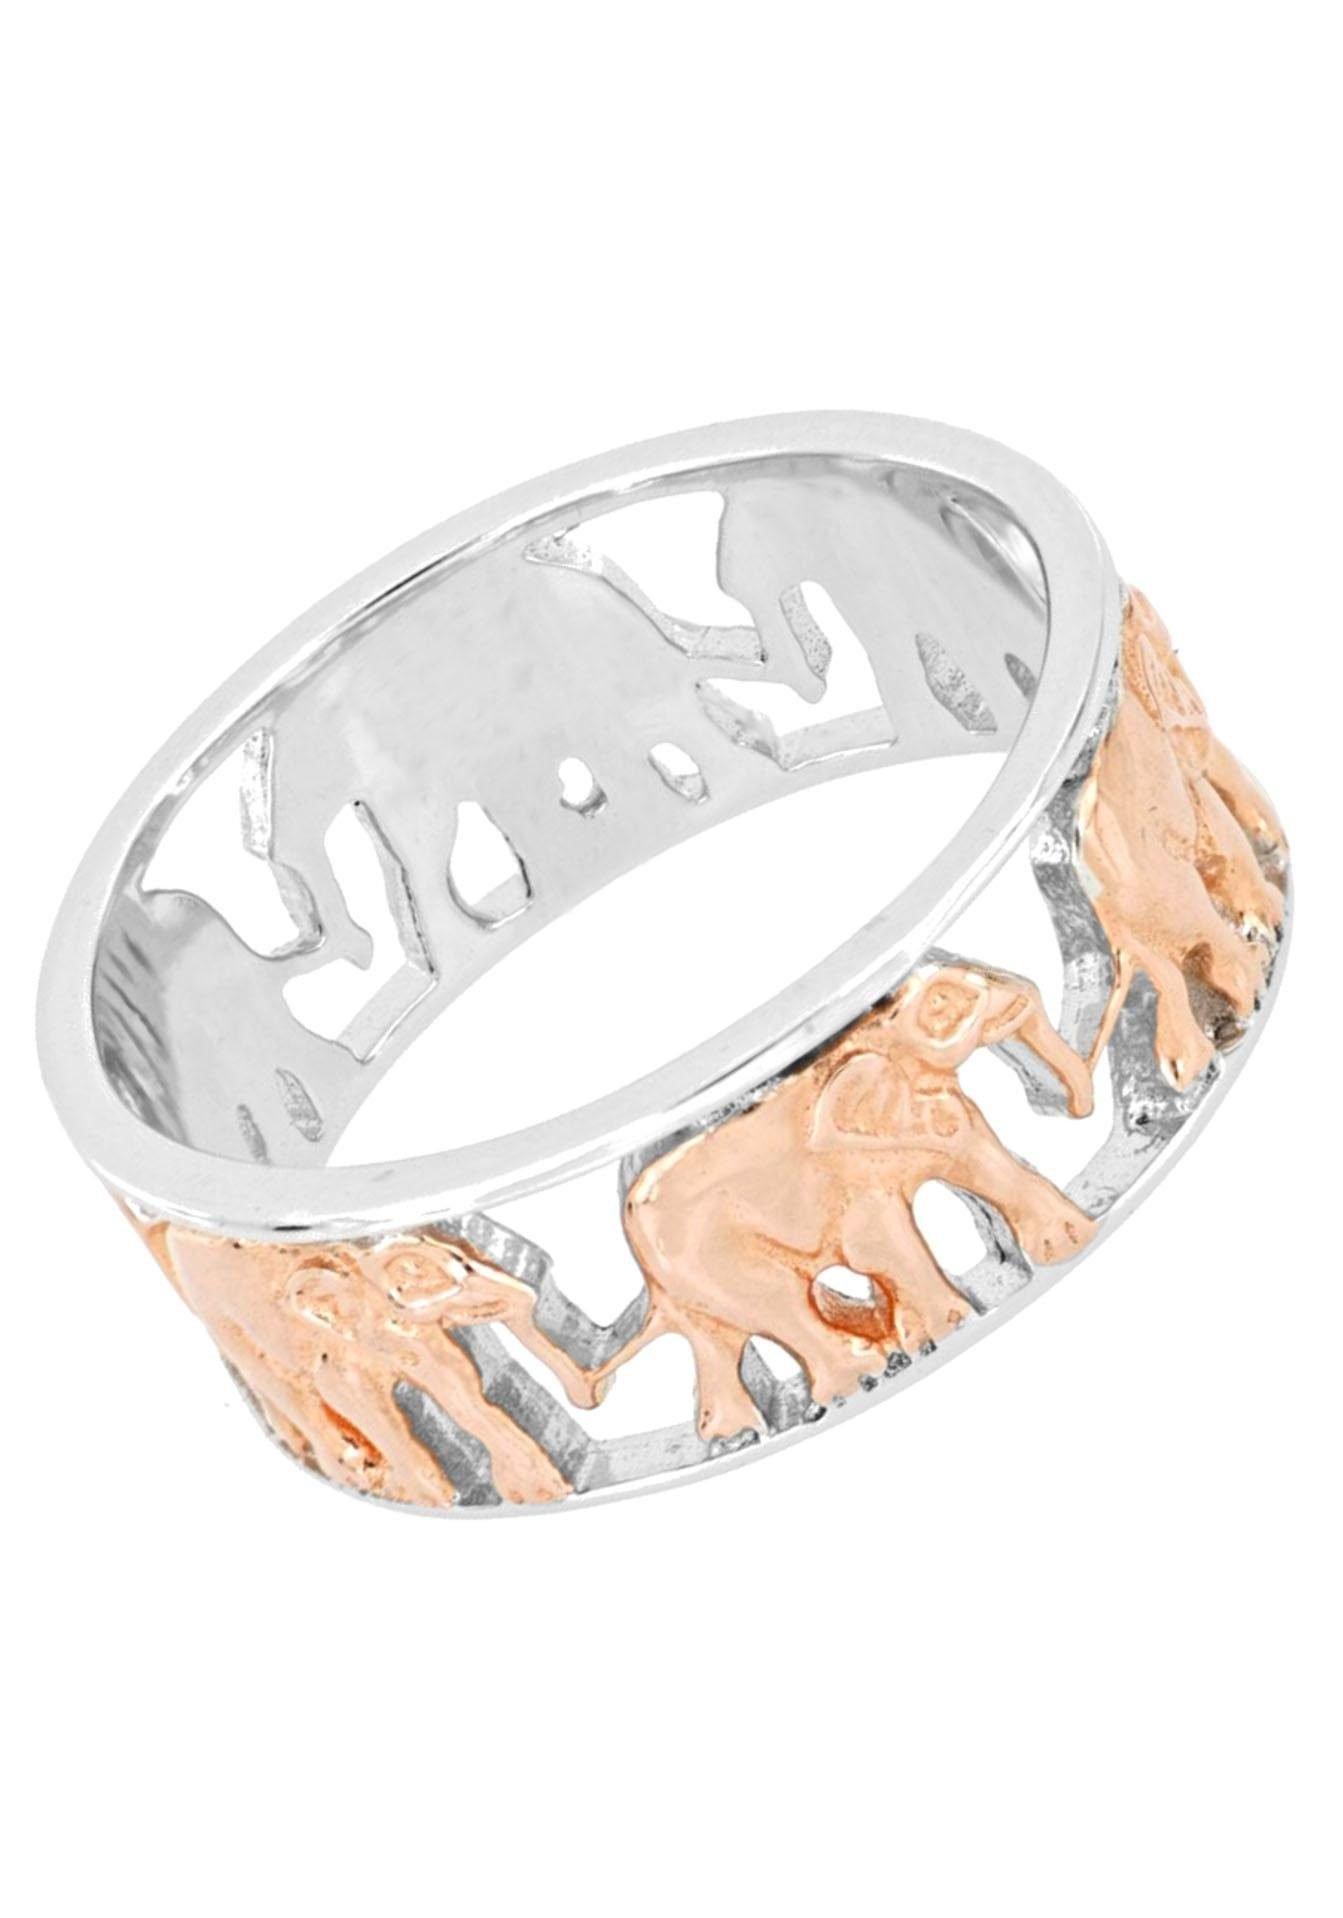 Firetti zilveren ring Bandring met olifanten, glanzend, gerodineerd, gedeeltelijk rozeverguld in de webshop van OTTO kopen